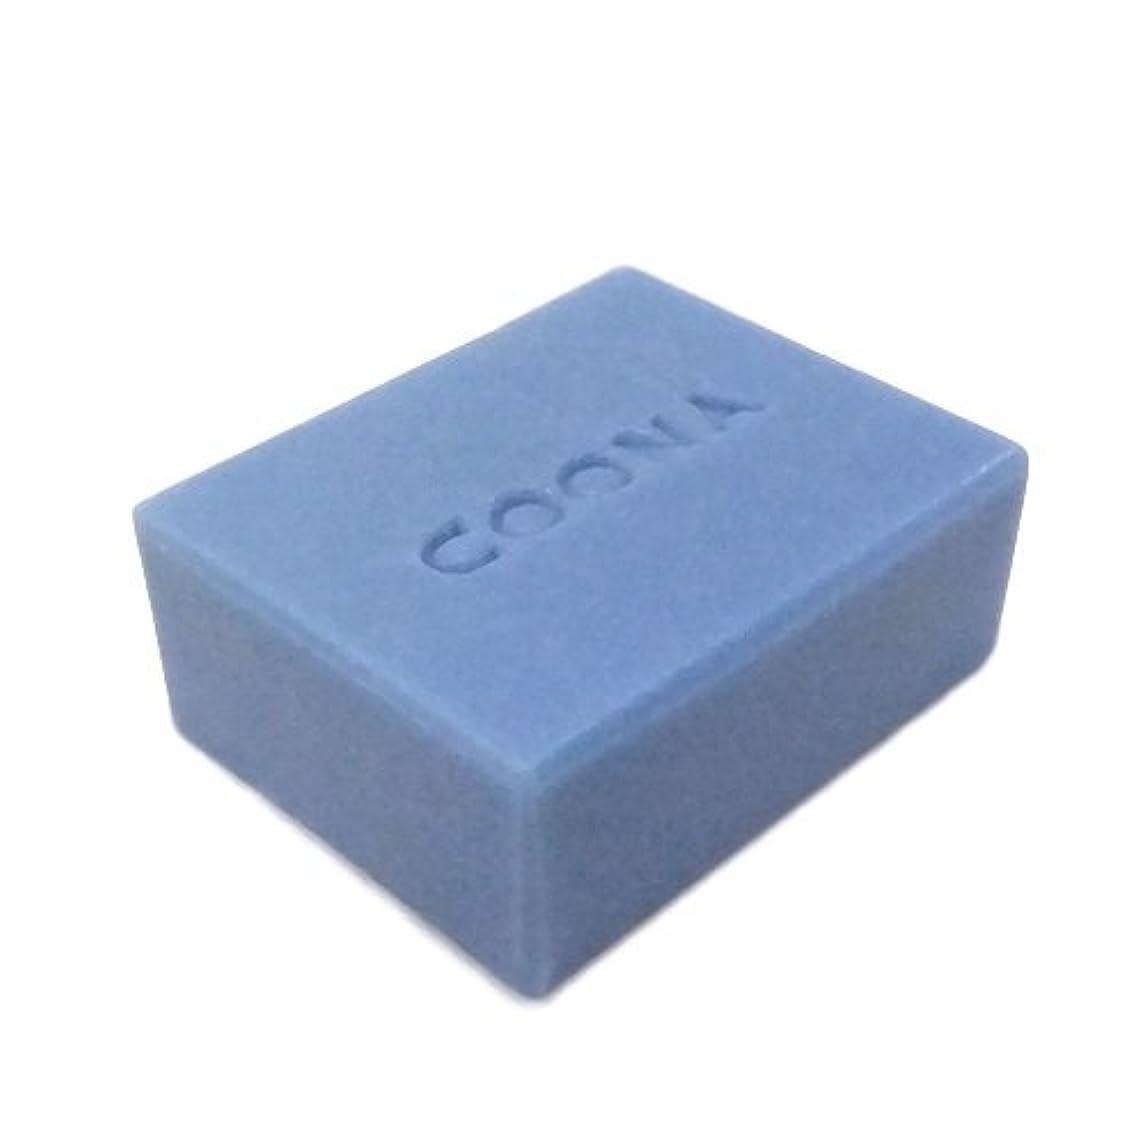 洗顔石鹸 COONAピュアEO石けん ヤロウ ブルー (天然素材 自然派 コールドプロセス 手作り せっけん) 80g